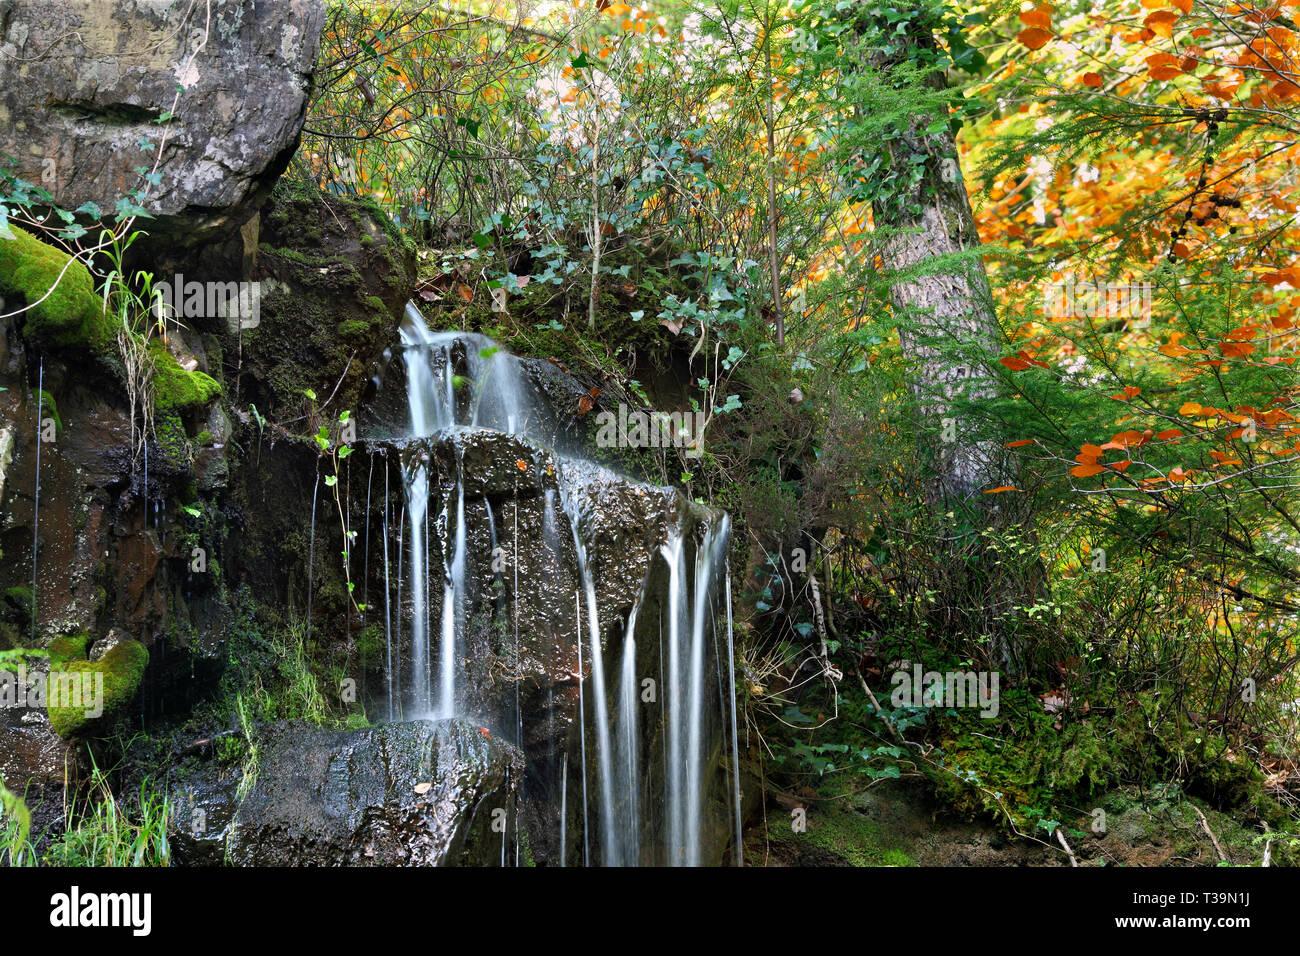 Small  waterfall on a hillside by the Afon Llugwy (River Llugwy), near Betws-y-Coed, North Wales. - Stock Image